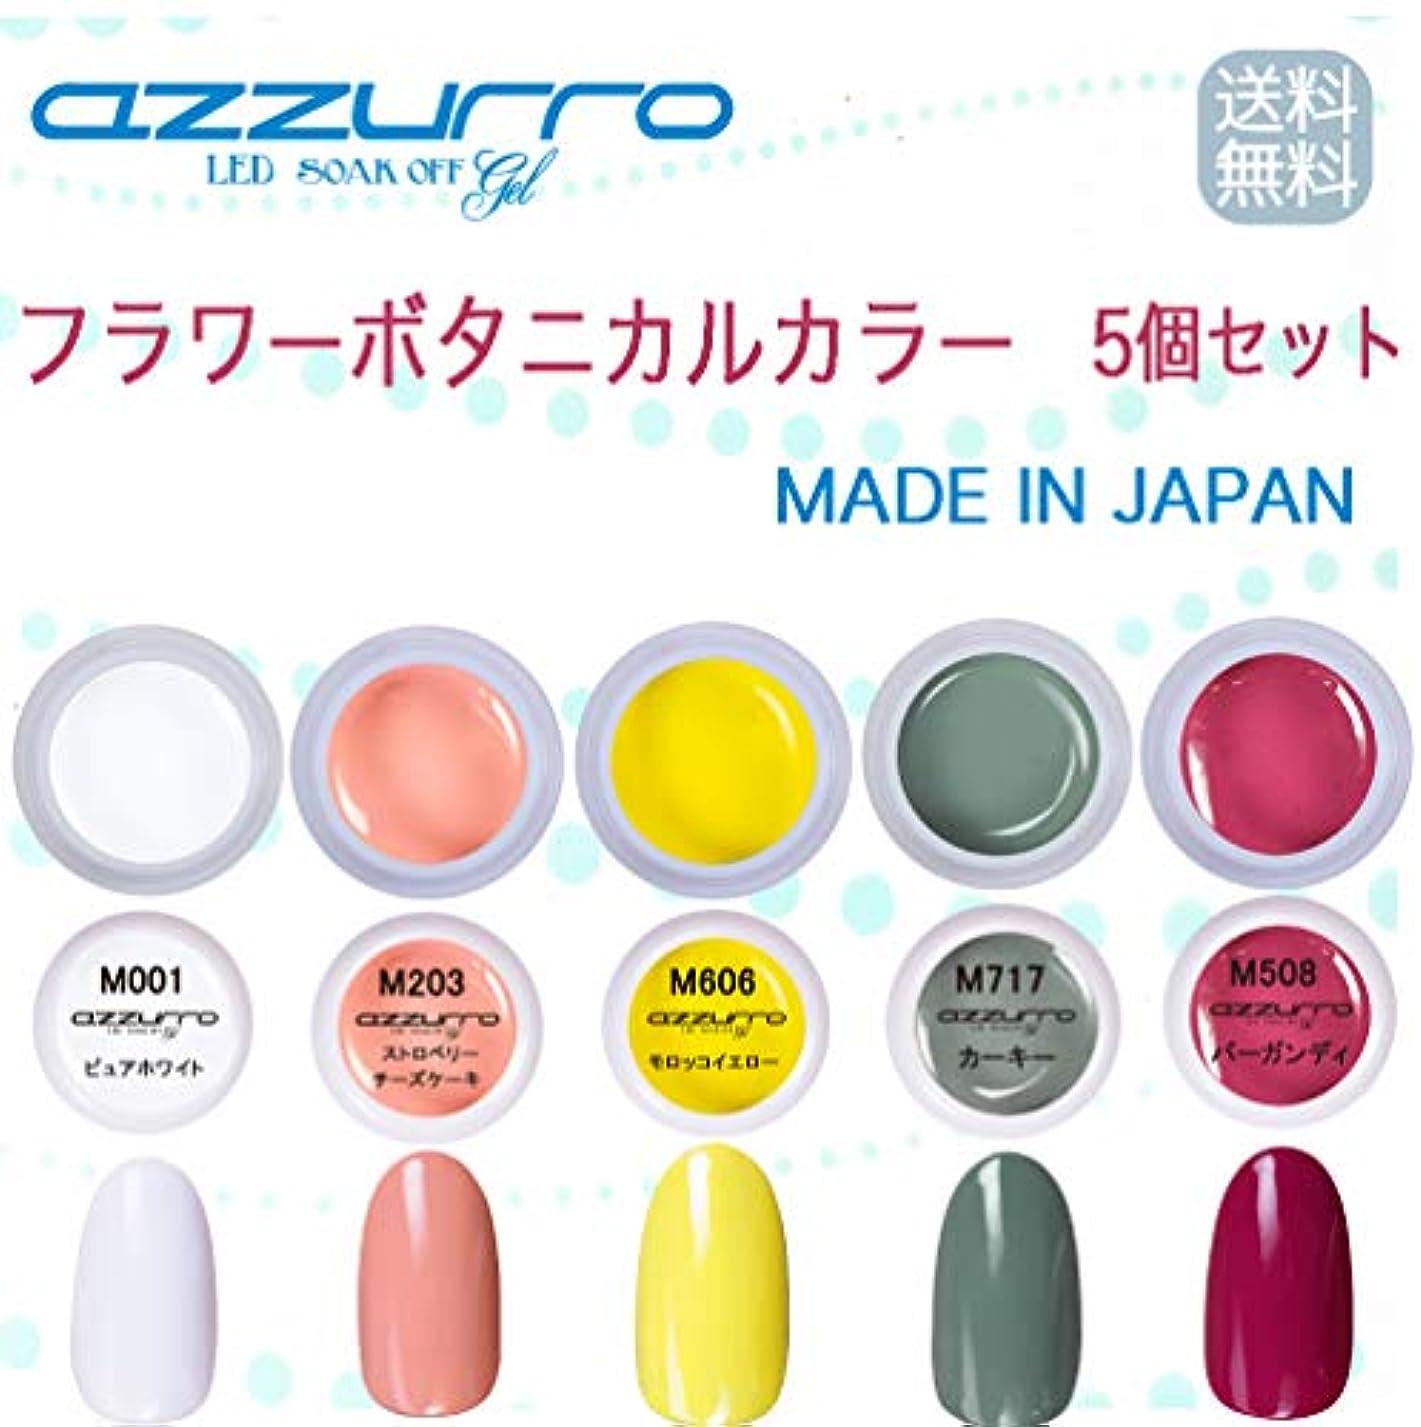 費用燃料油【送料無料】日本製 azzurro gel フラワーボタニカルカラージェル5個セット 春にピッタリでかわいいフラワーアートにピッタリなカラー